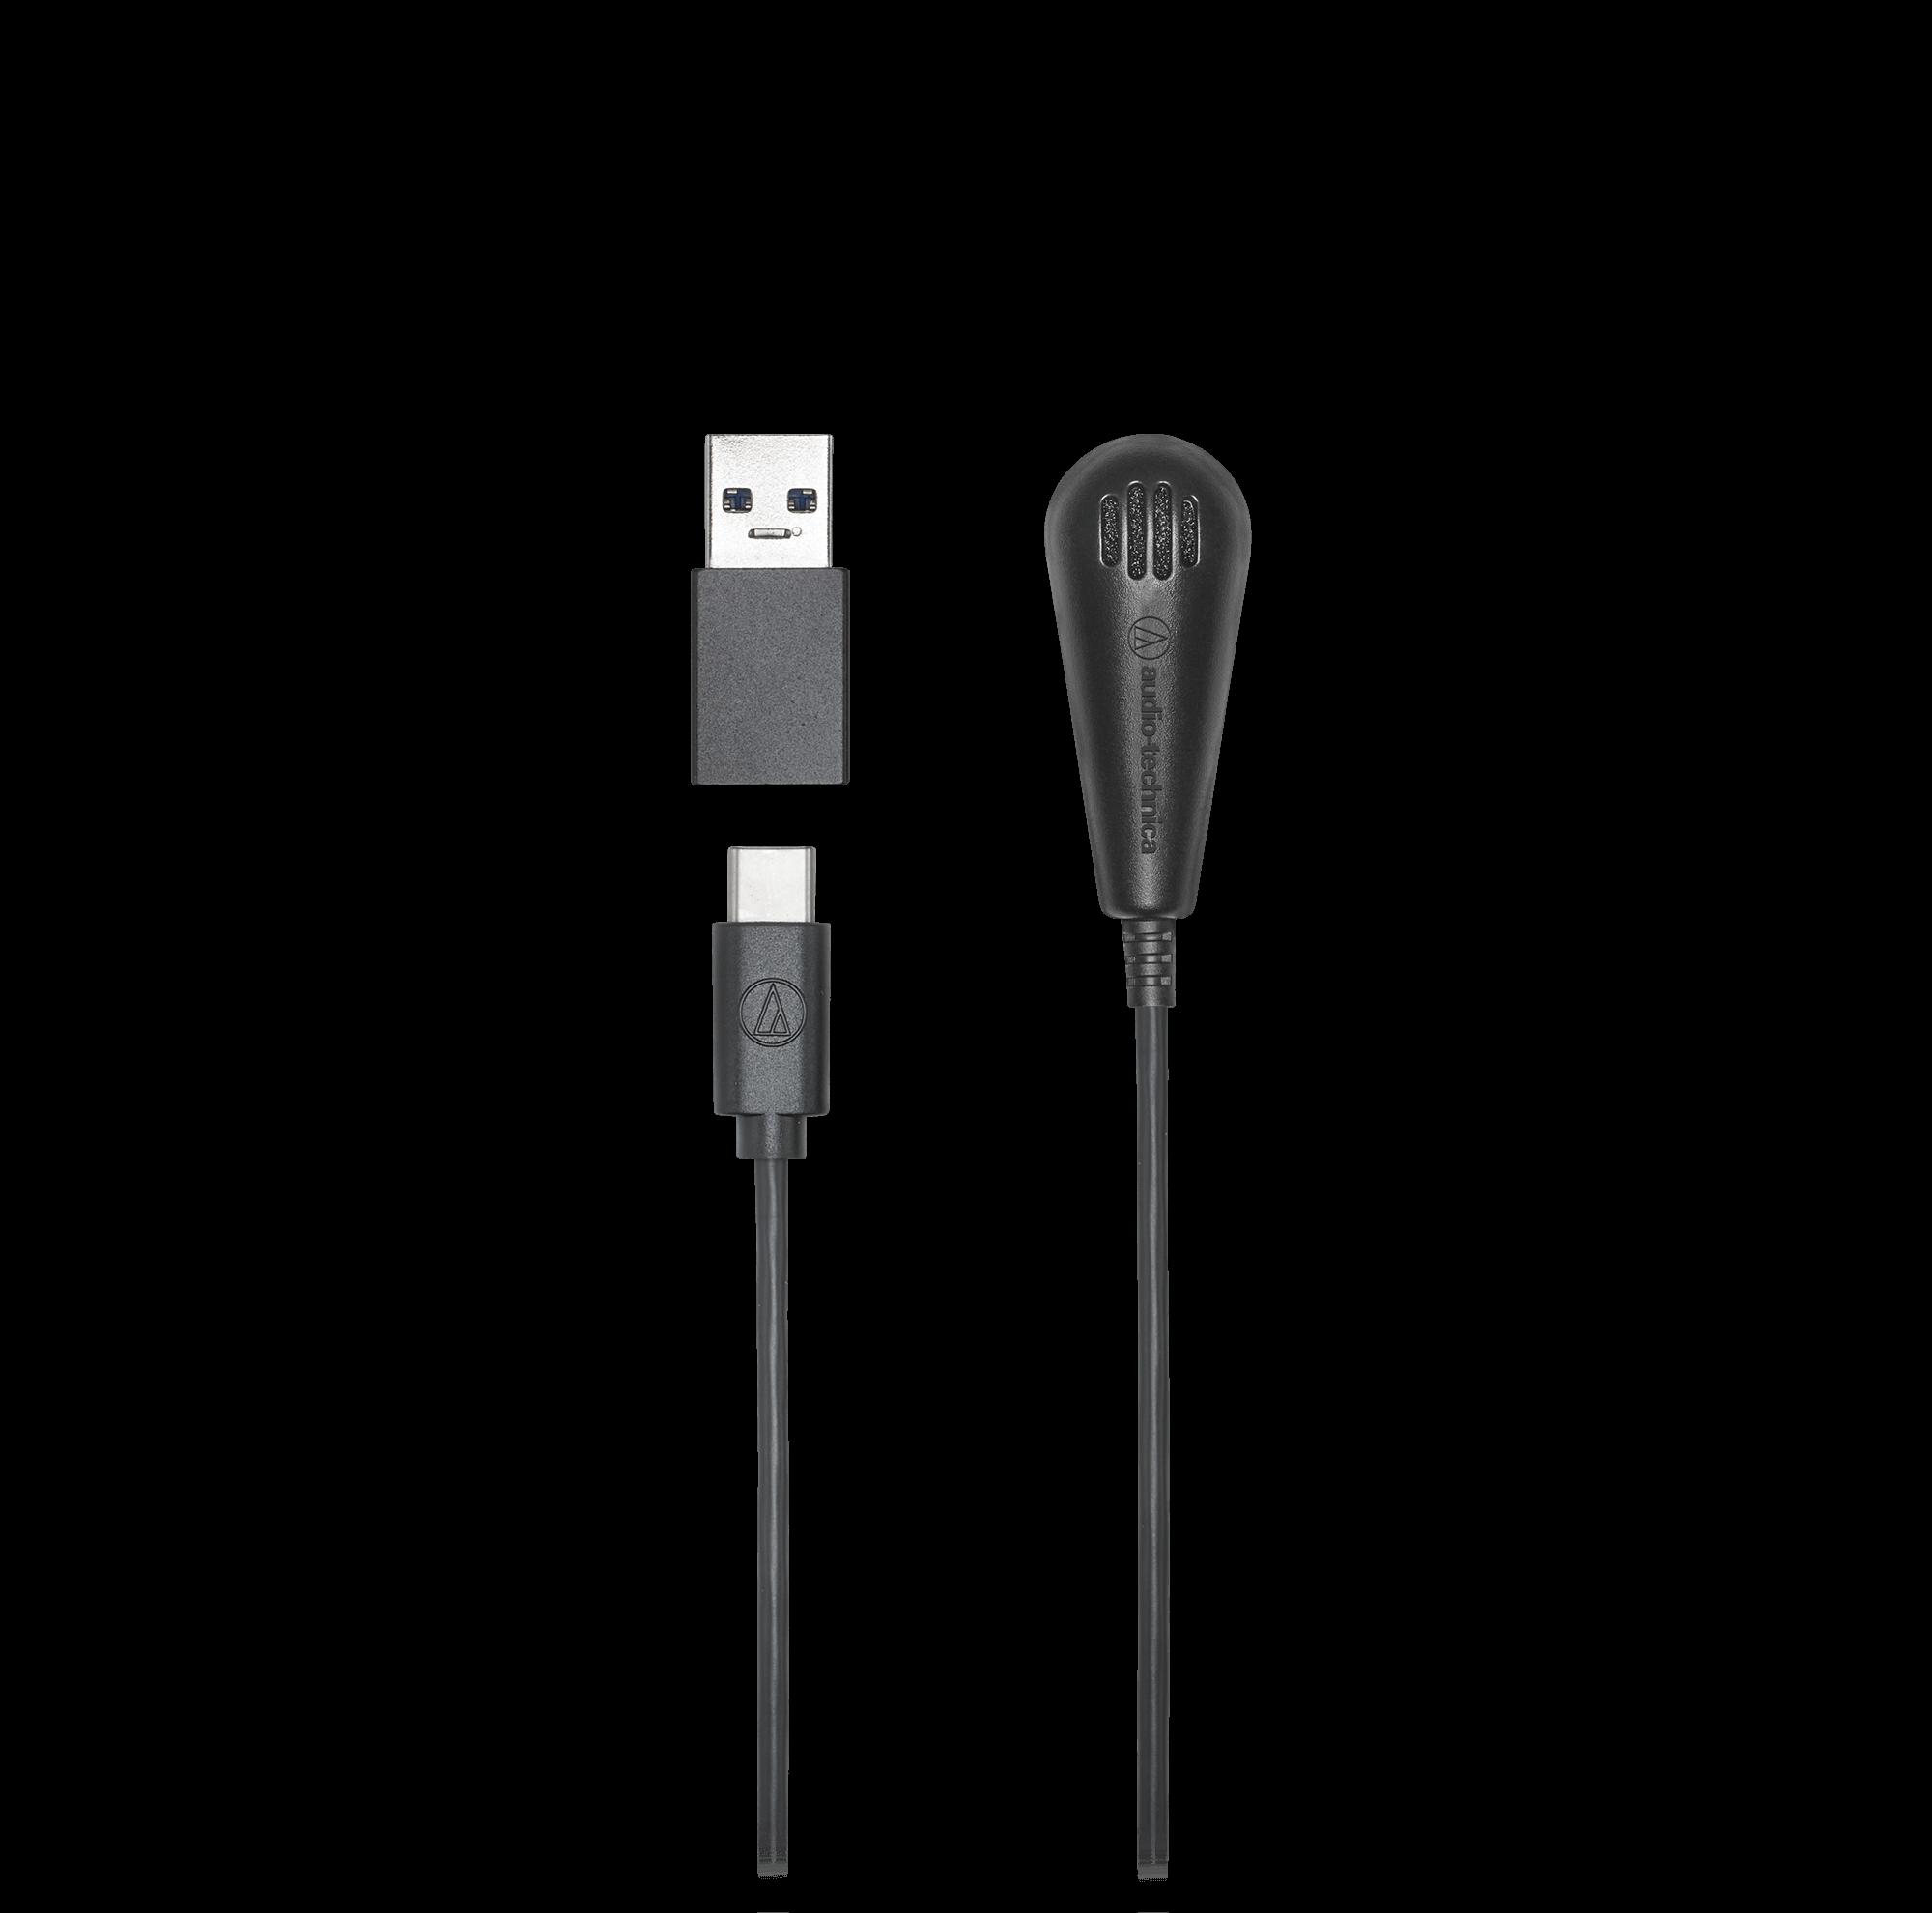 鐵三角 ATR4650-USB 數位 電容型 桌上型 領夾 全指向性 麥克風 | 金曲音響